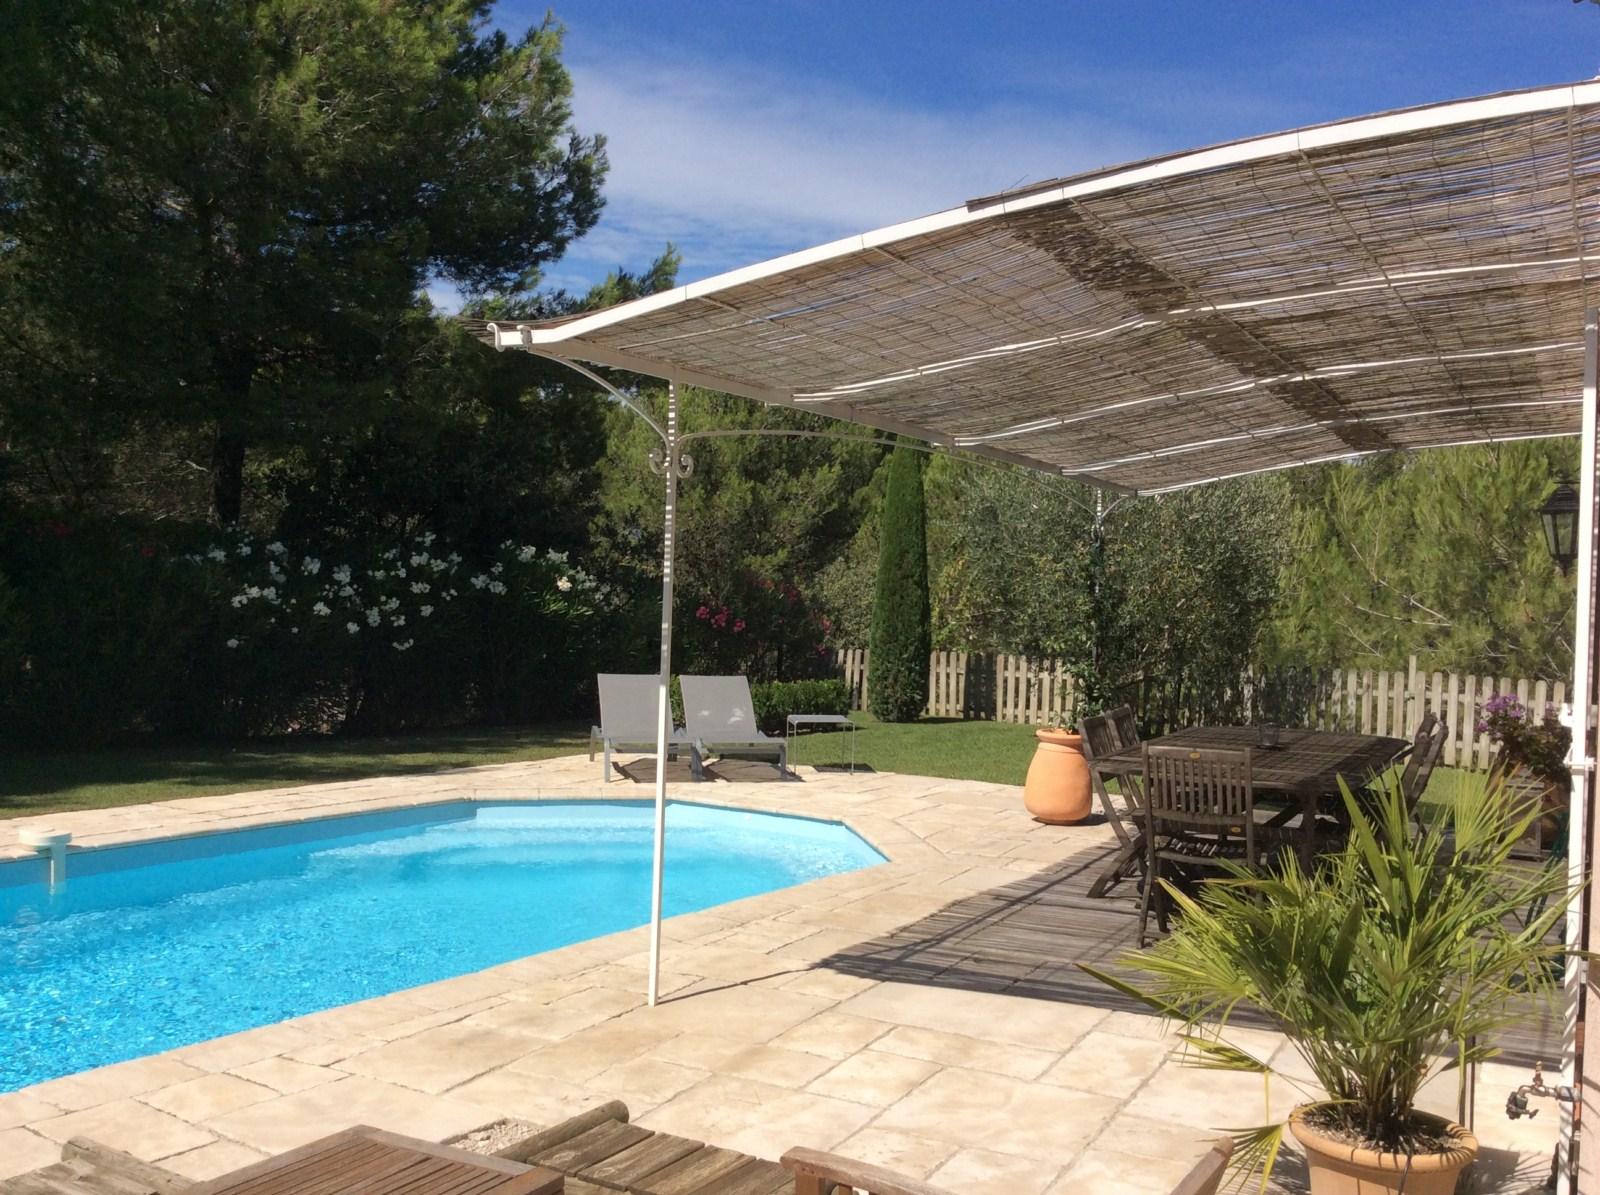 Maison trois chambres golf de pont royal piscinegarage for Piscine sollies pont